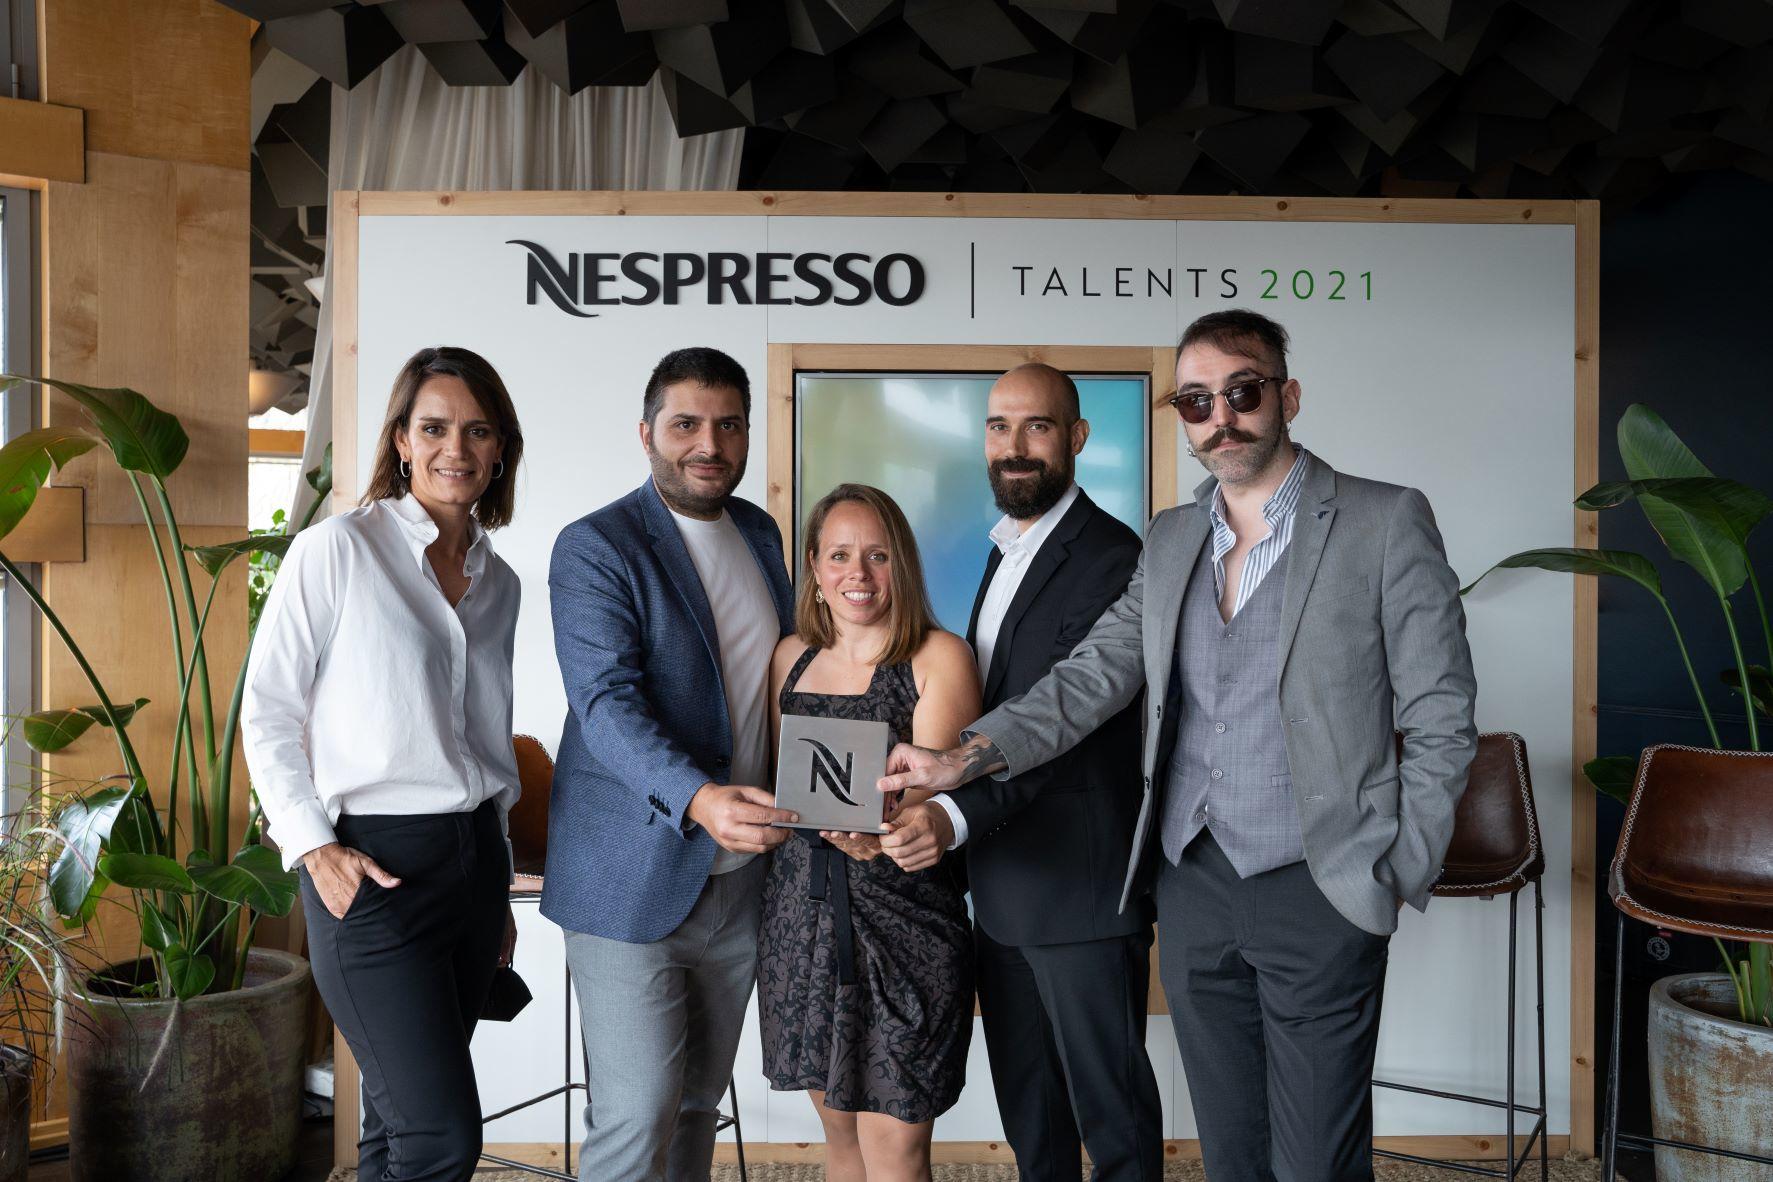 Los directores del cortometraje 'Simbiosis' posan con el Premio Talents.